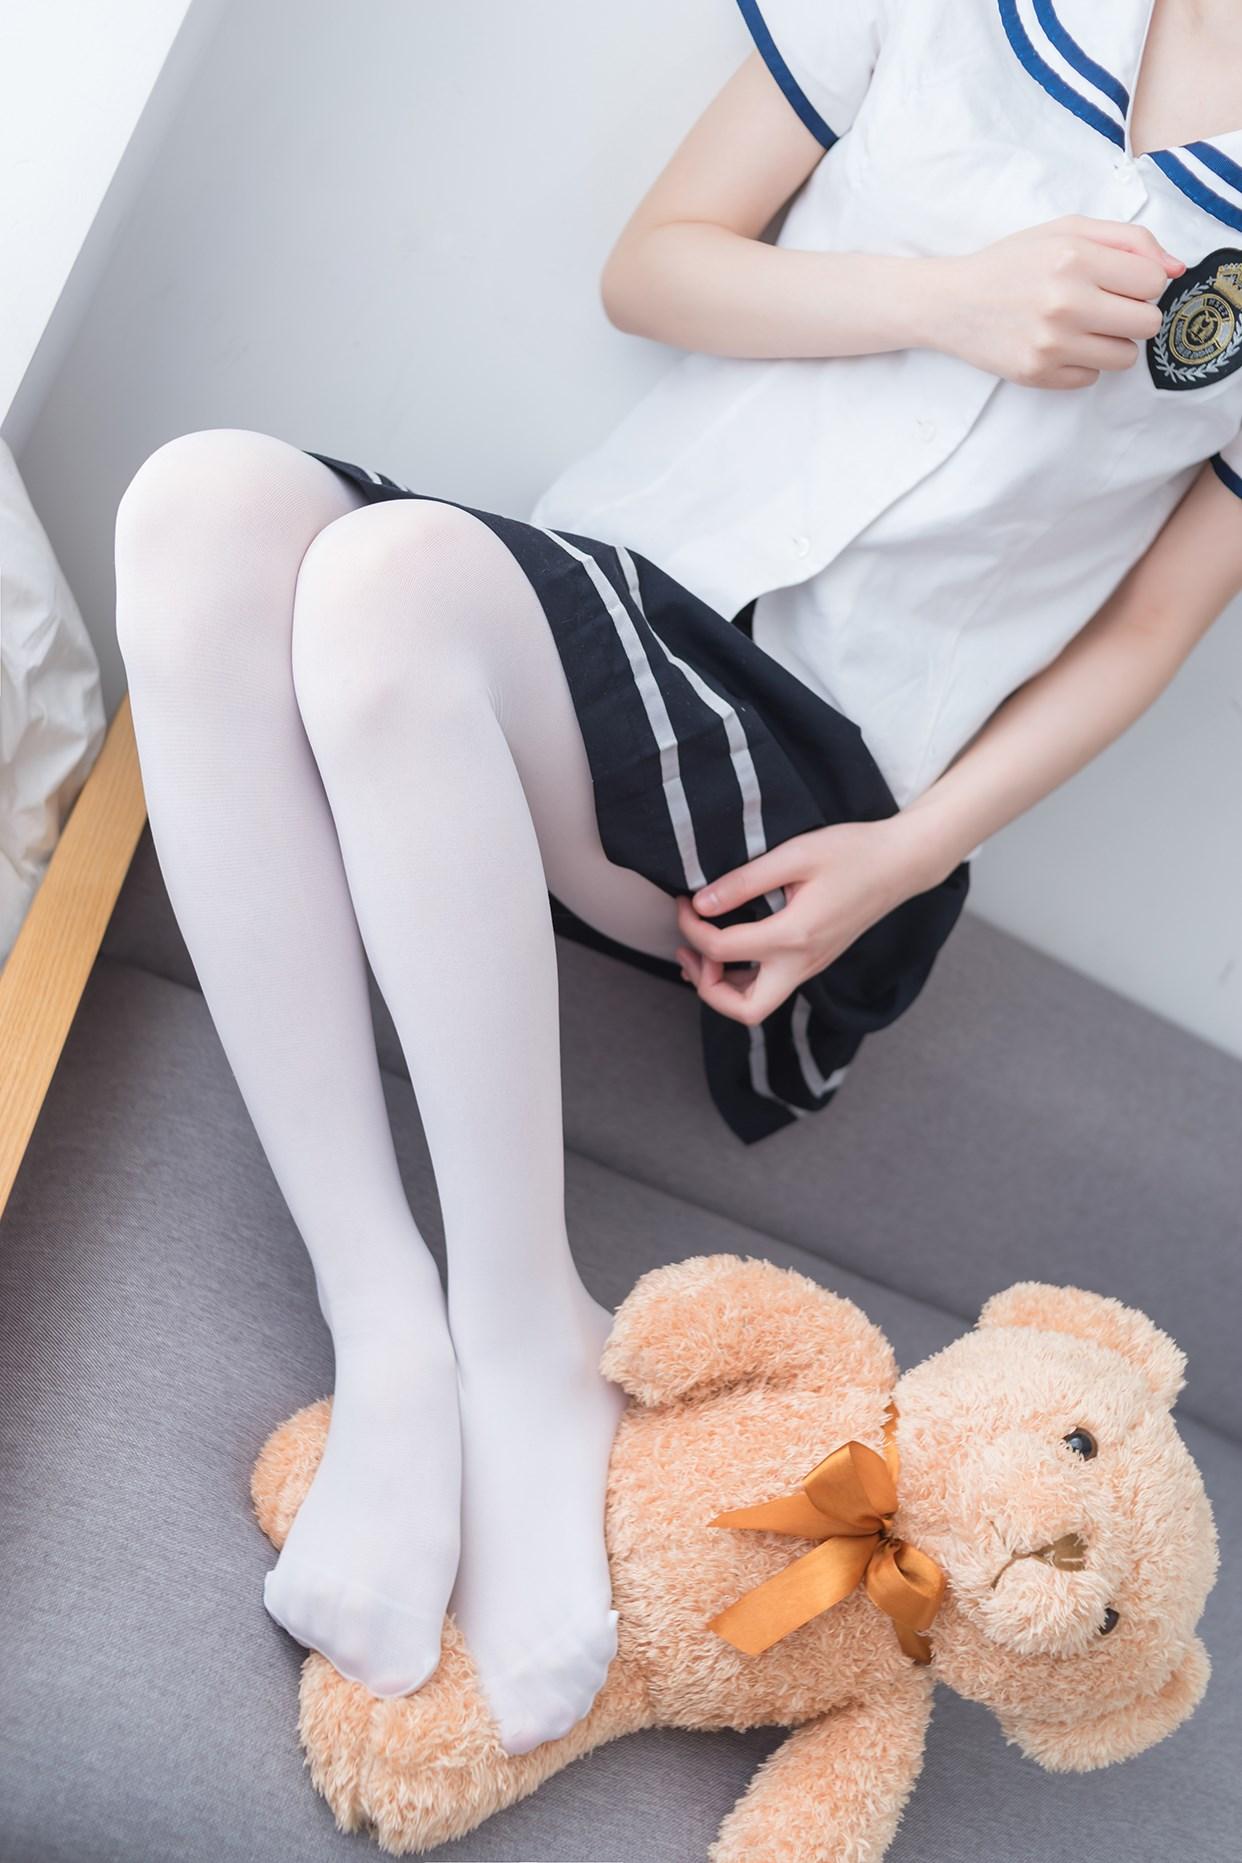 【兔玩映画】这腿炒鸡细 兔玩映画 第36张